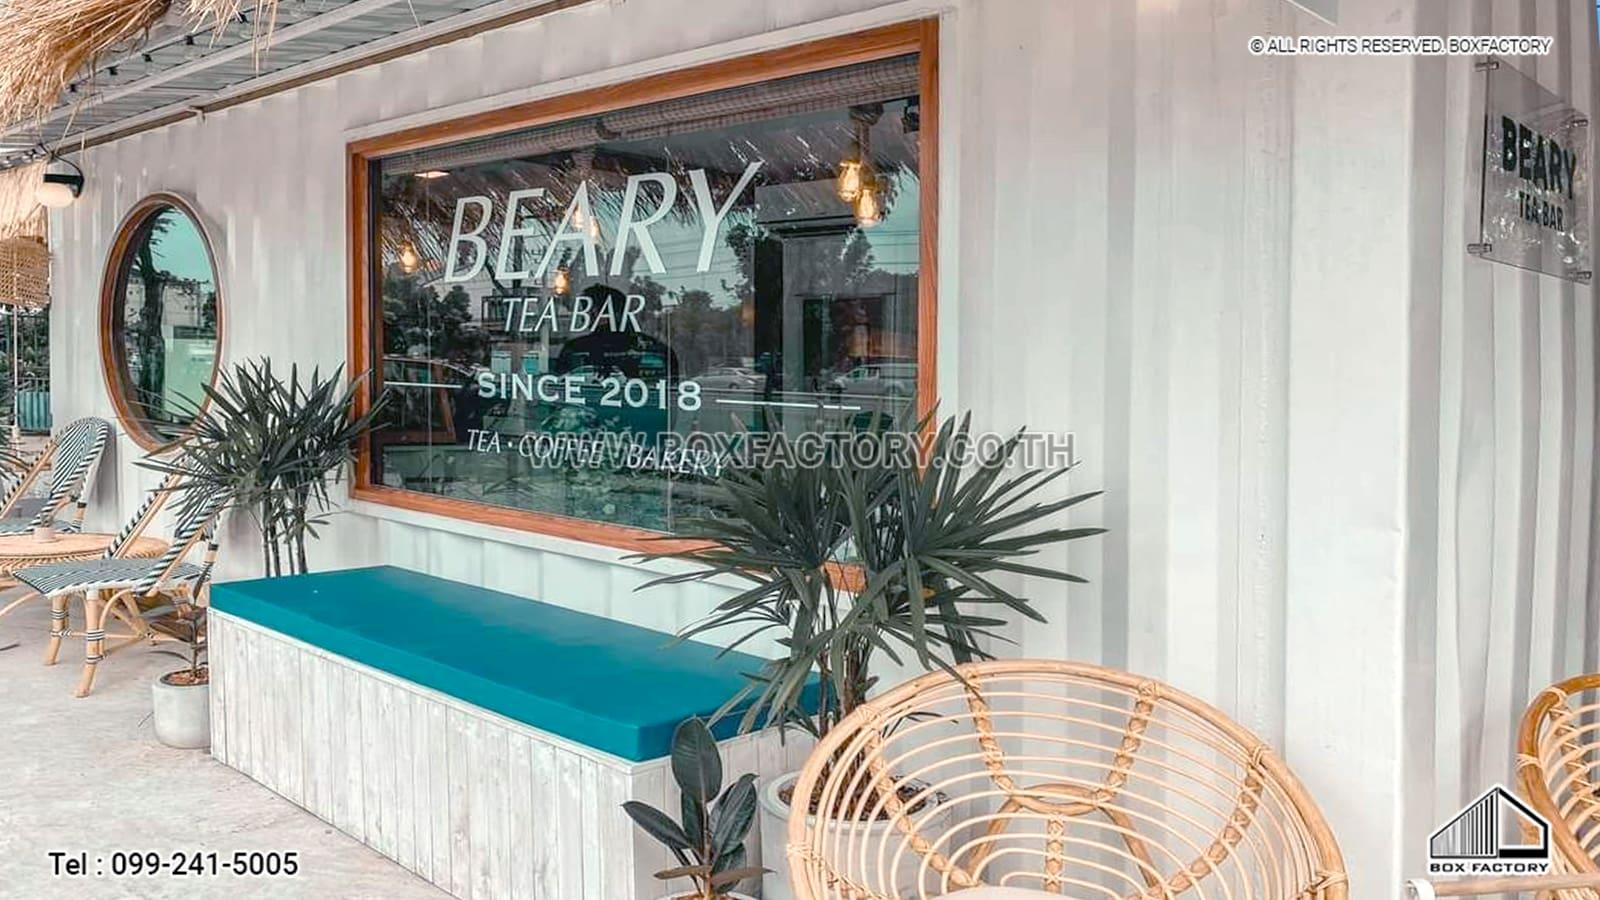 BEARY TEA BAR ร้านกาแฟบาหลี 01